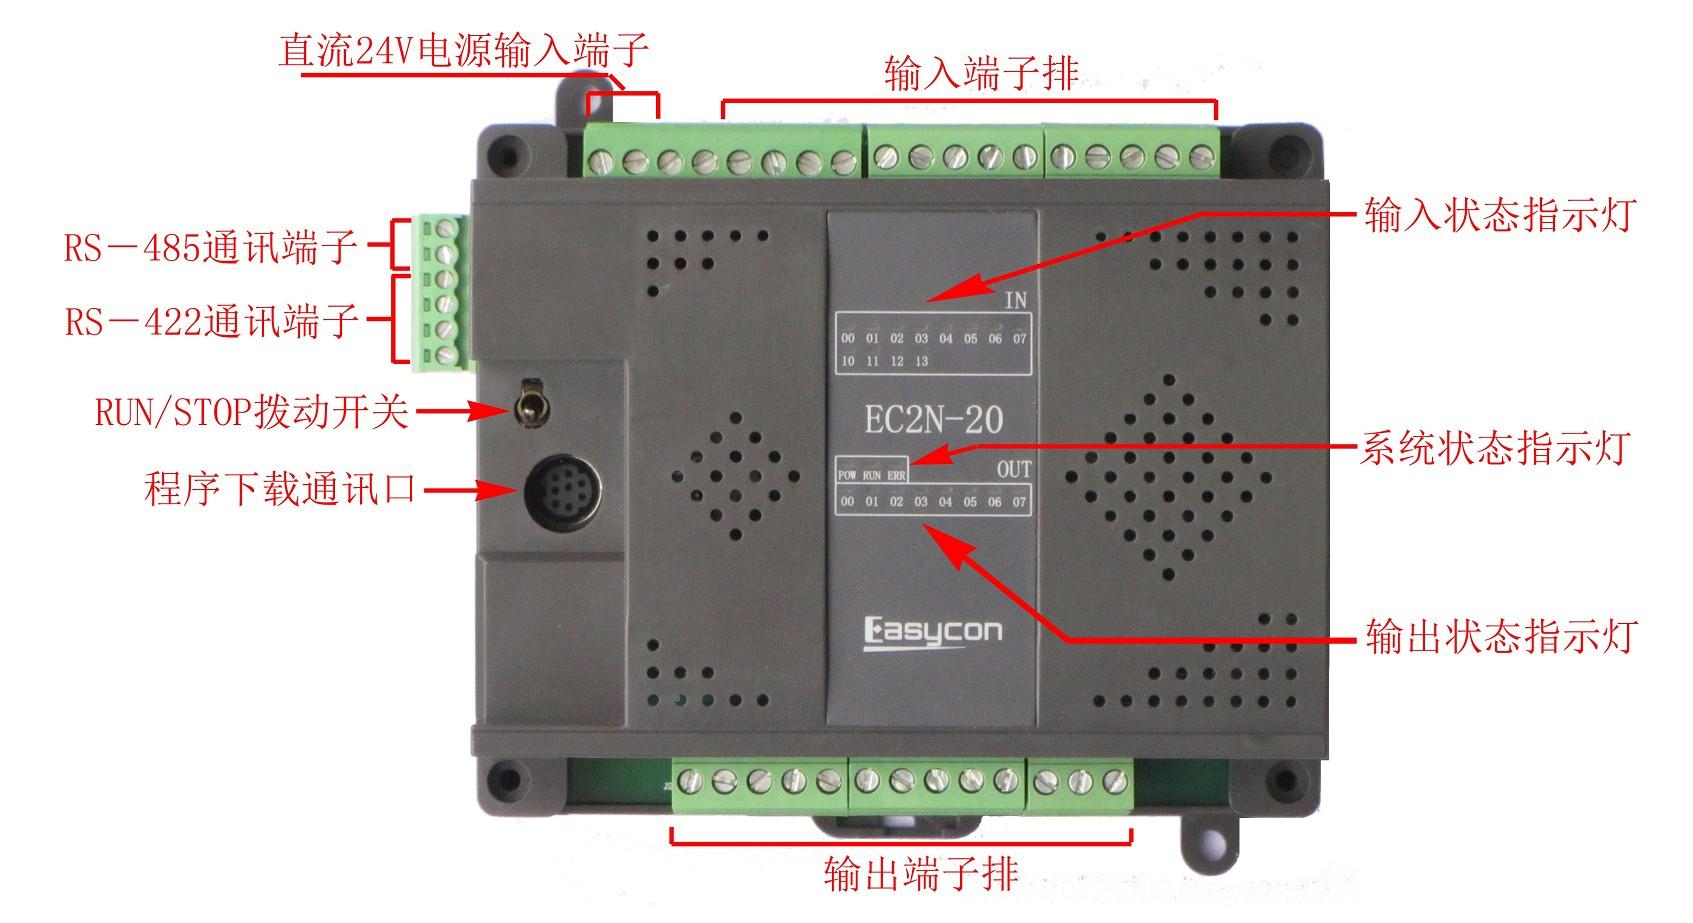 электронные детали Внутренний PLC с пластиковым корпусом fx2n-20м ПЛК внутренний пластиковый корпус PLC и легким контролем короля